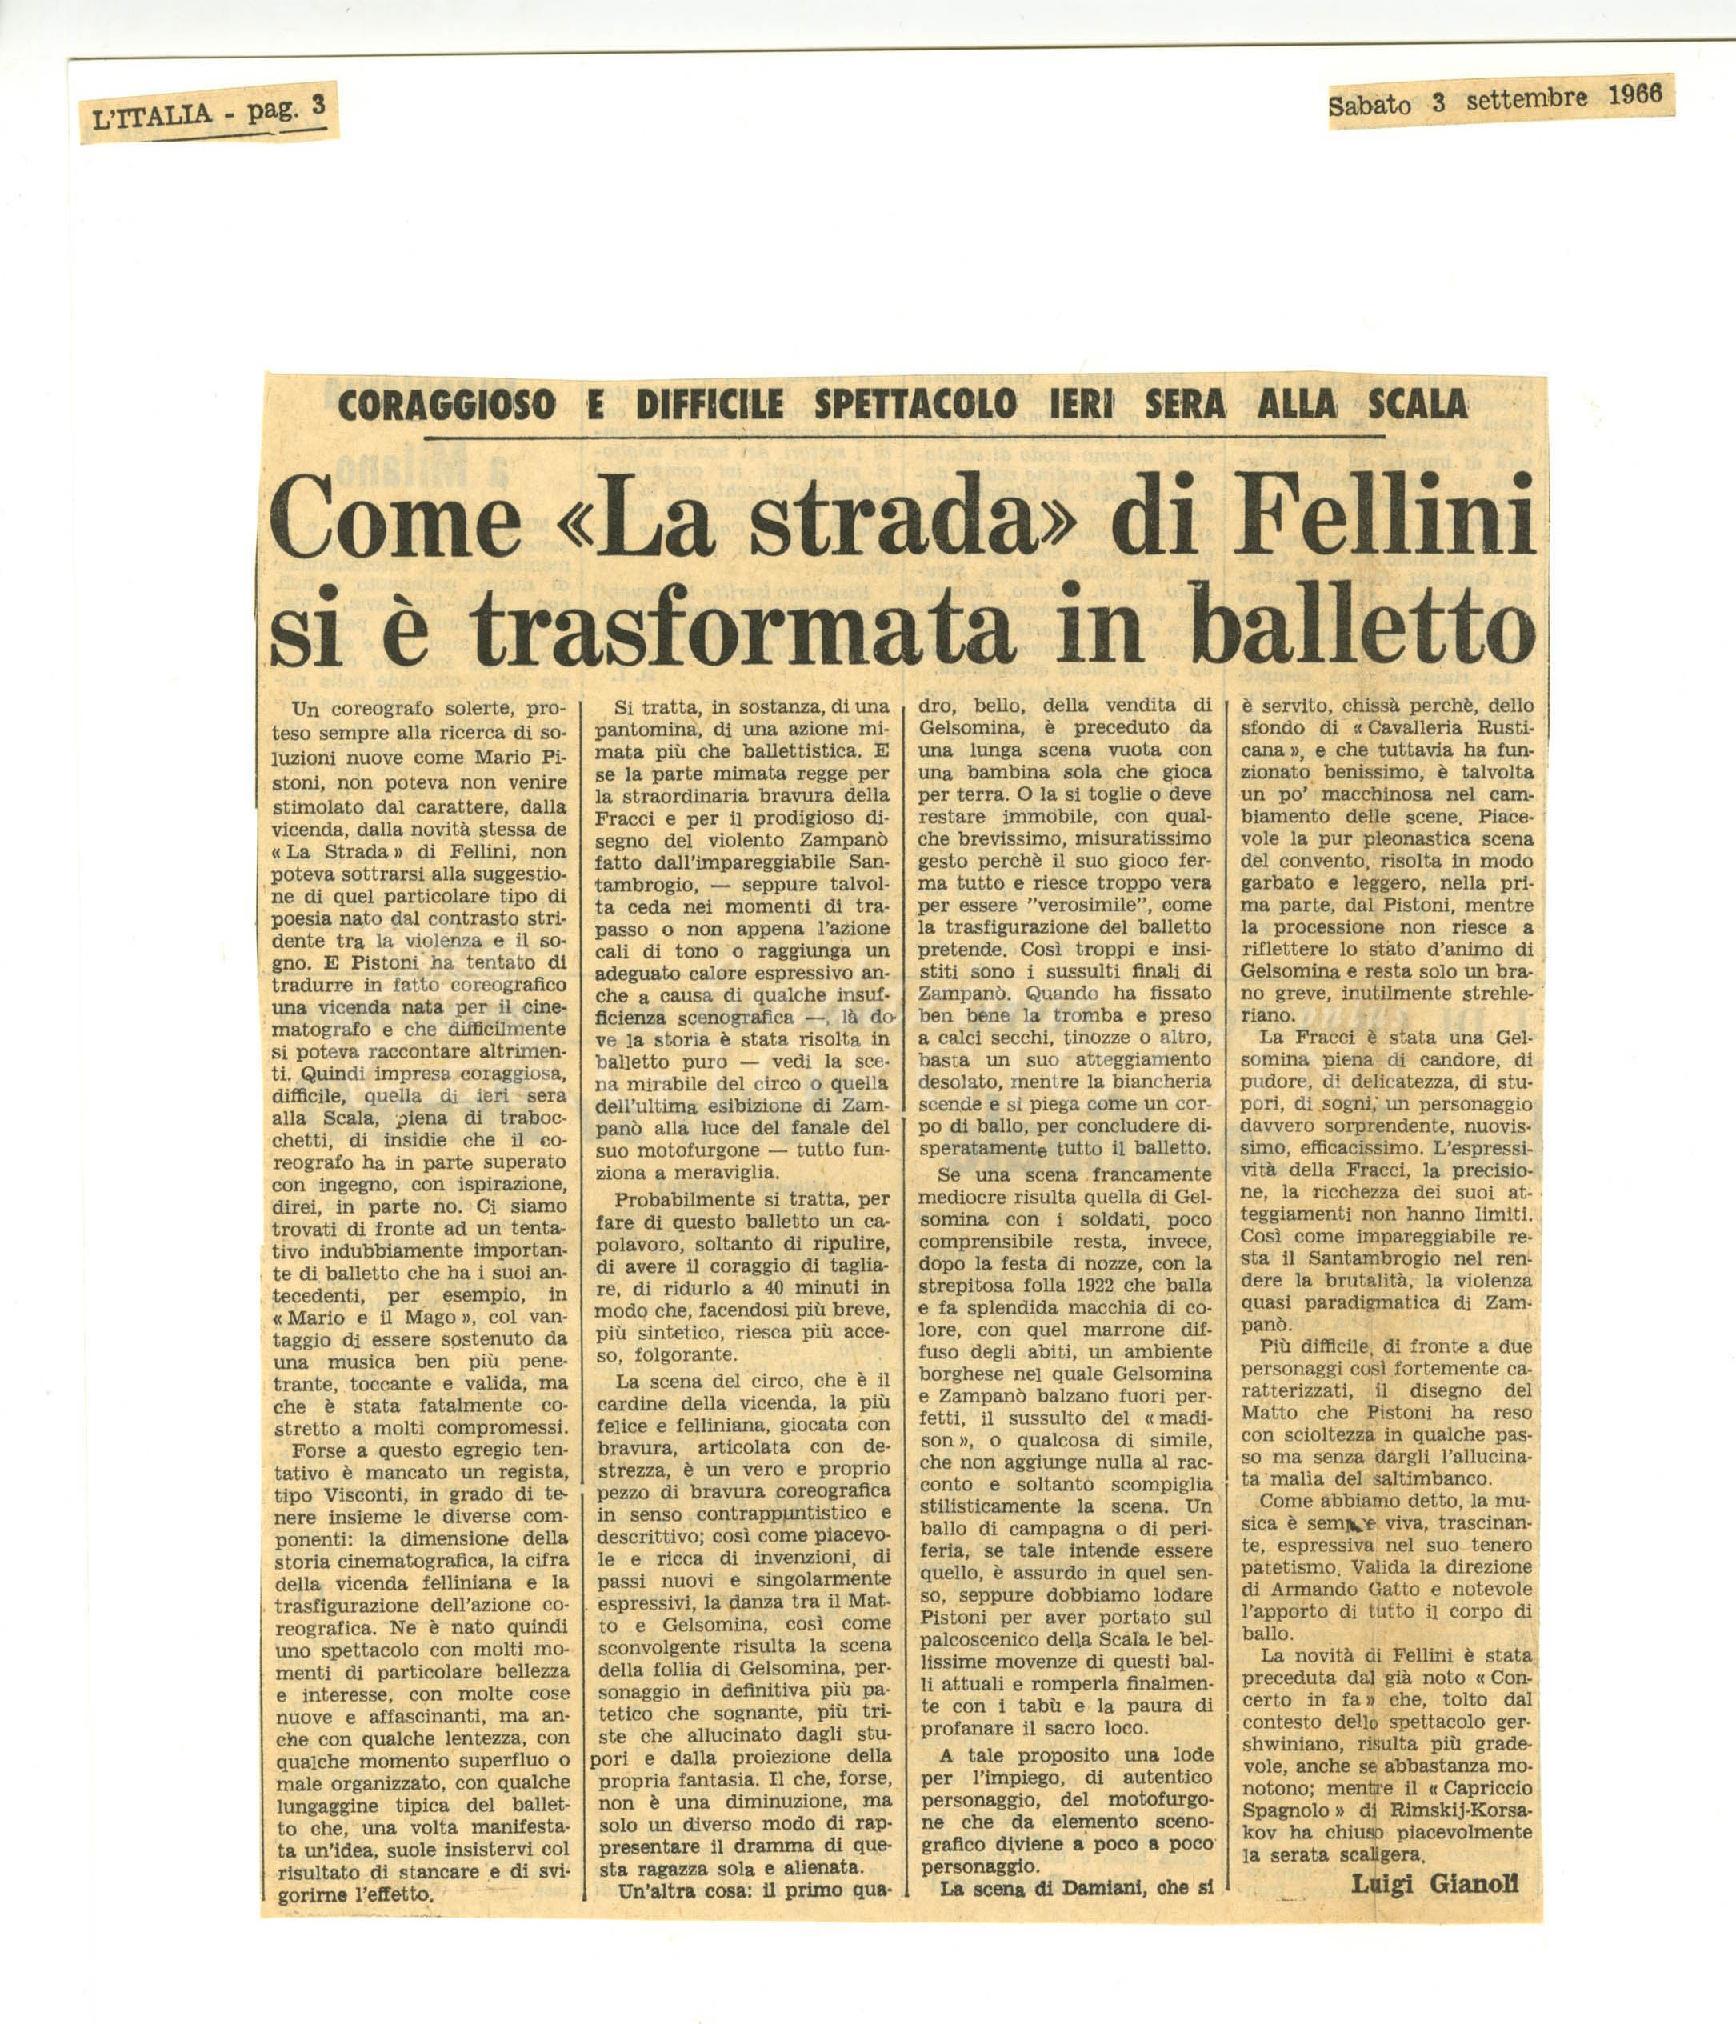 Come 'La strada' di Fellini si è trasformata in balletto  03 settembre 1966